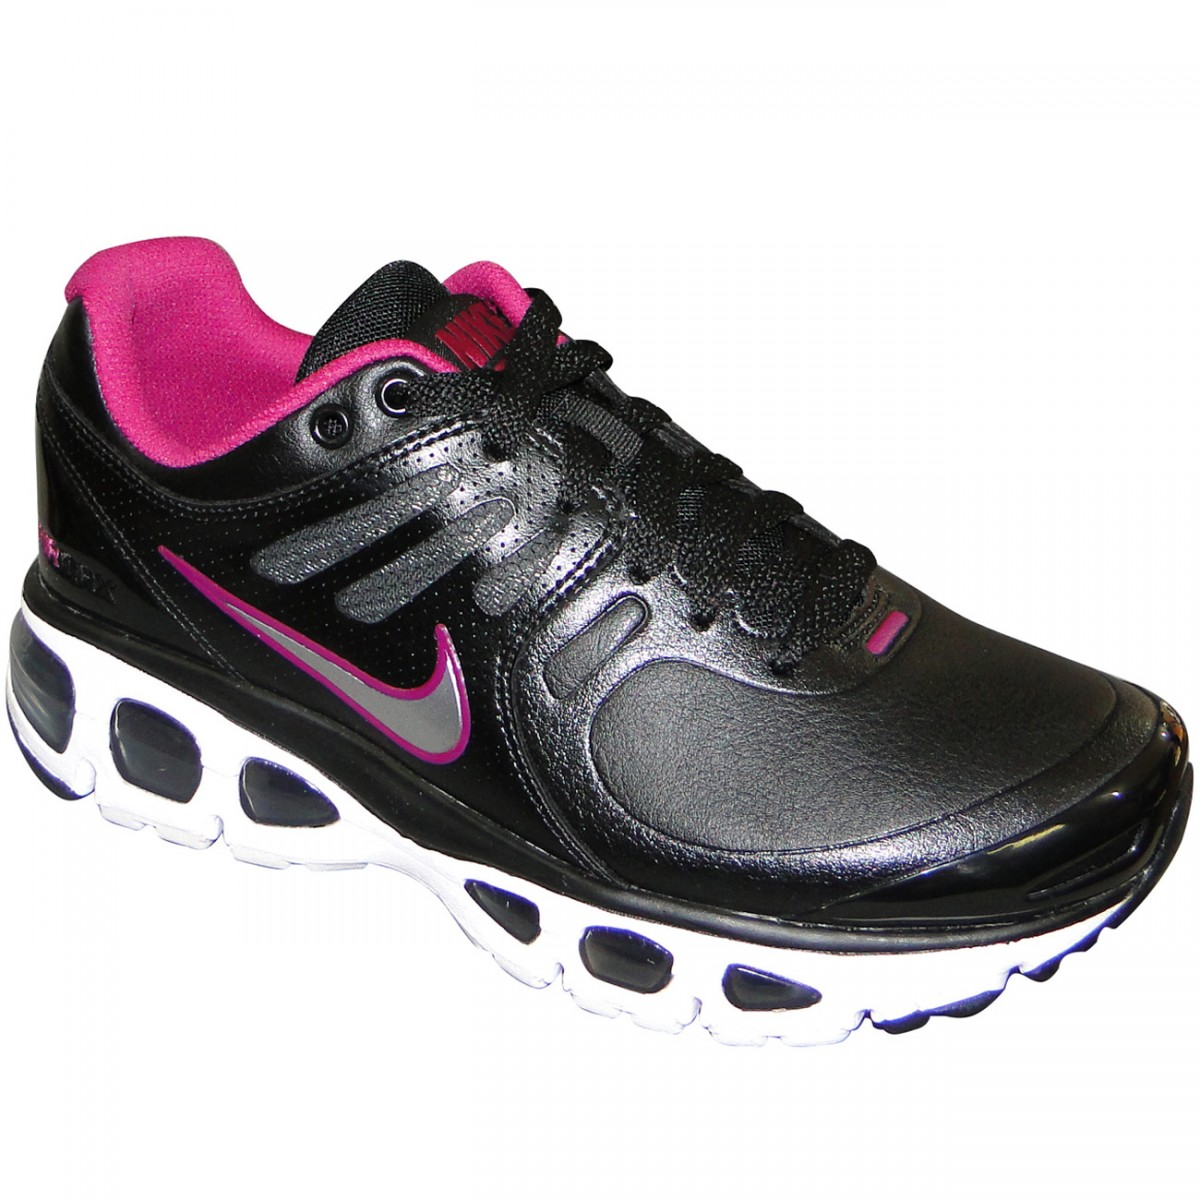 purchase cheap 0cf38 87c66 TENIS NIKE AIR MAX TAILWIND 2010 526327-001 - PRETO PRATA UVA - Chuteira  Nike, Adidas. Sandalias Femininas. Sandy Calçados